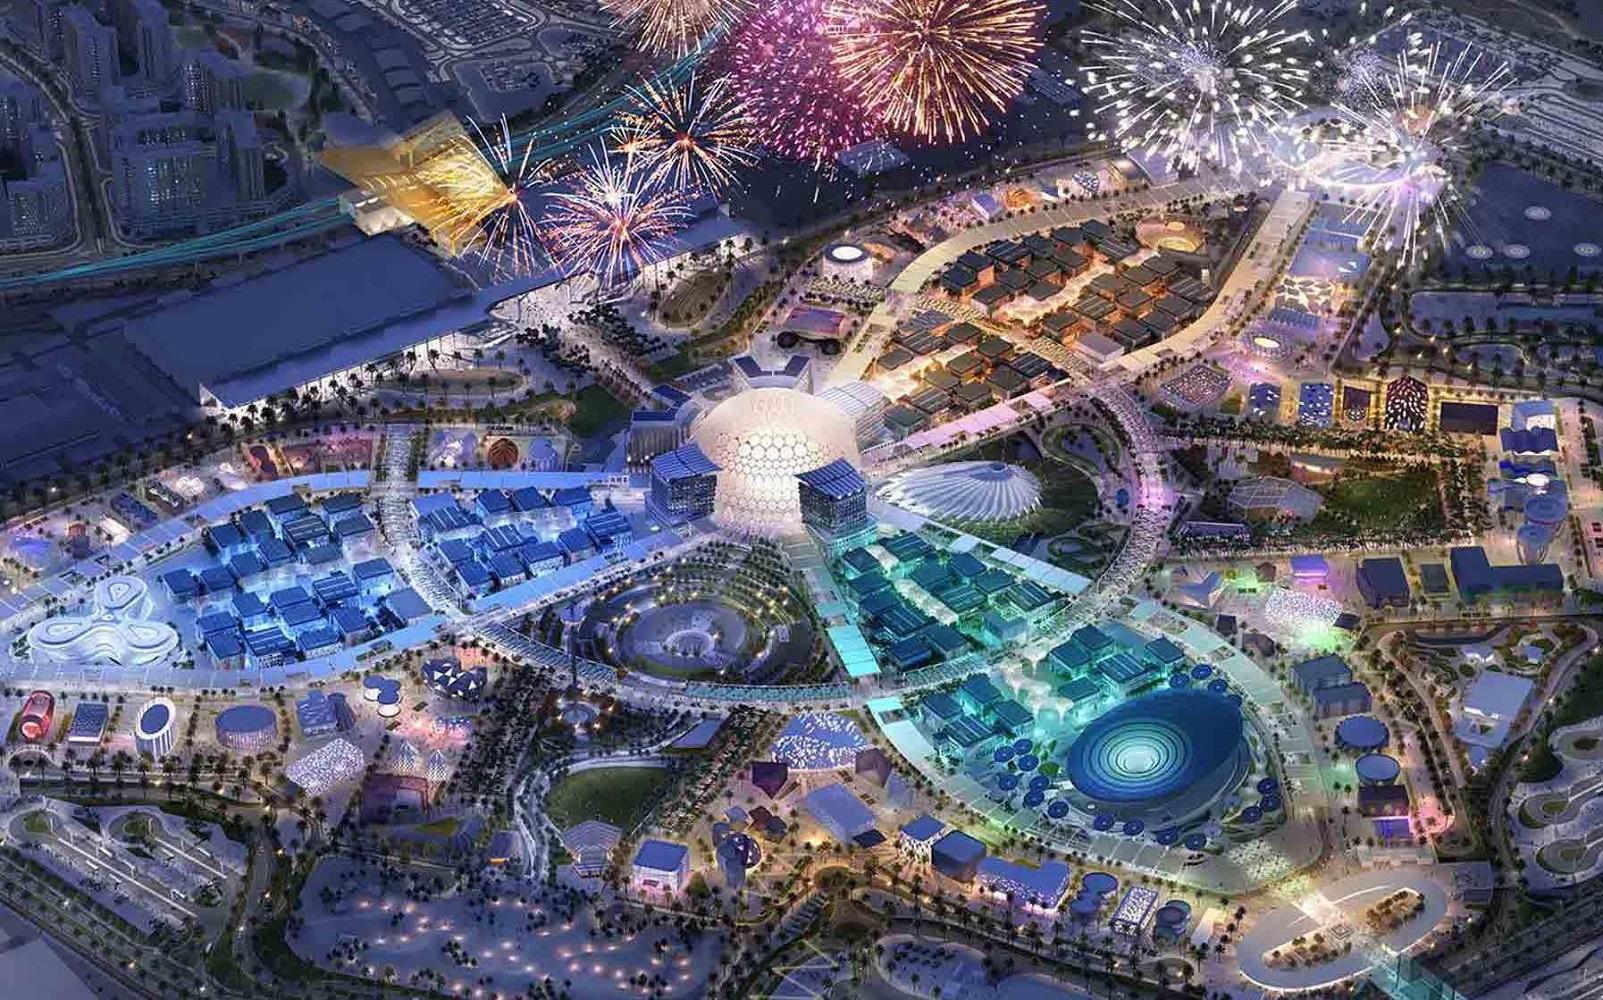 expo-2020-dubai-a-powerful-association-for-sponsor-brands